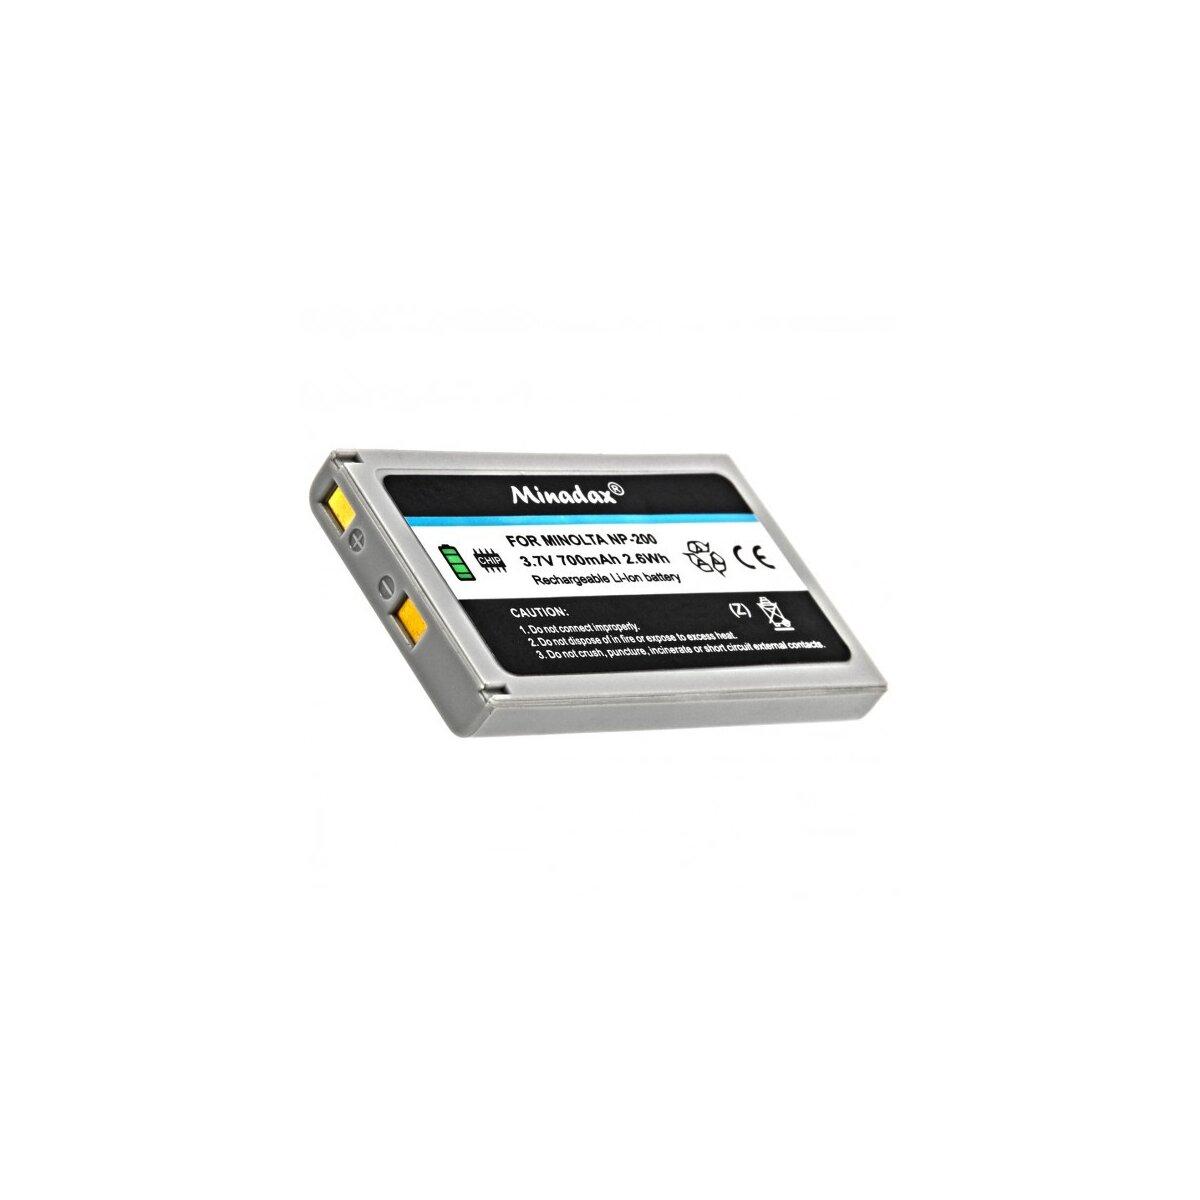 Minadax® Qualitaetsakku mit echten 700 mAh fuer Minolta NP-200, wie NP-200 - Intelligentes Akkusystem mit Chip